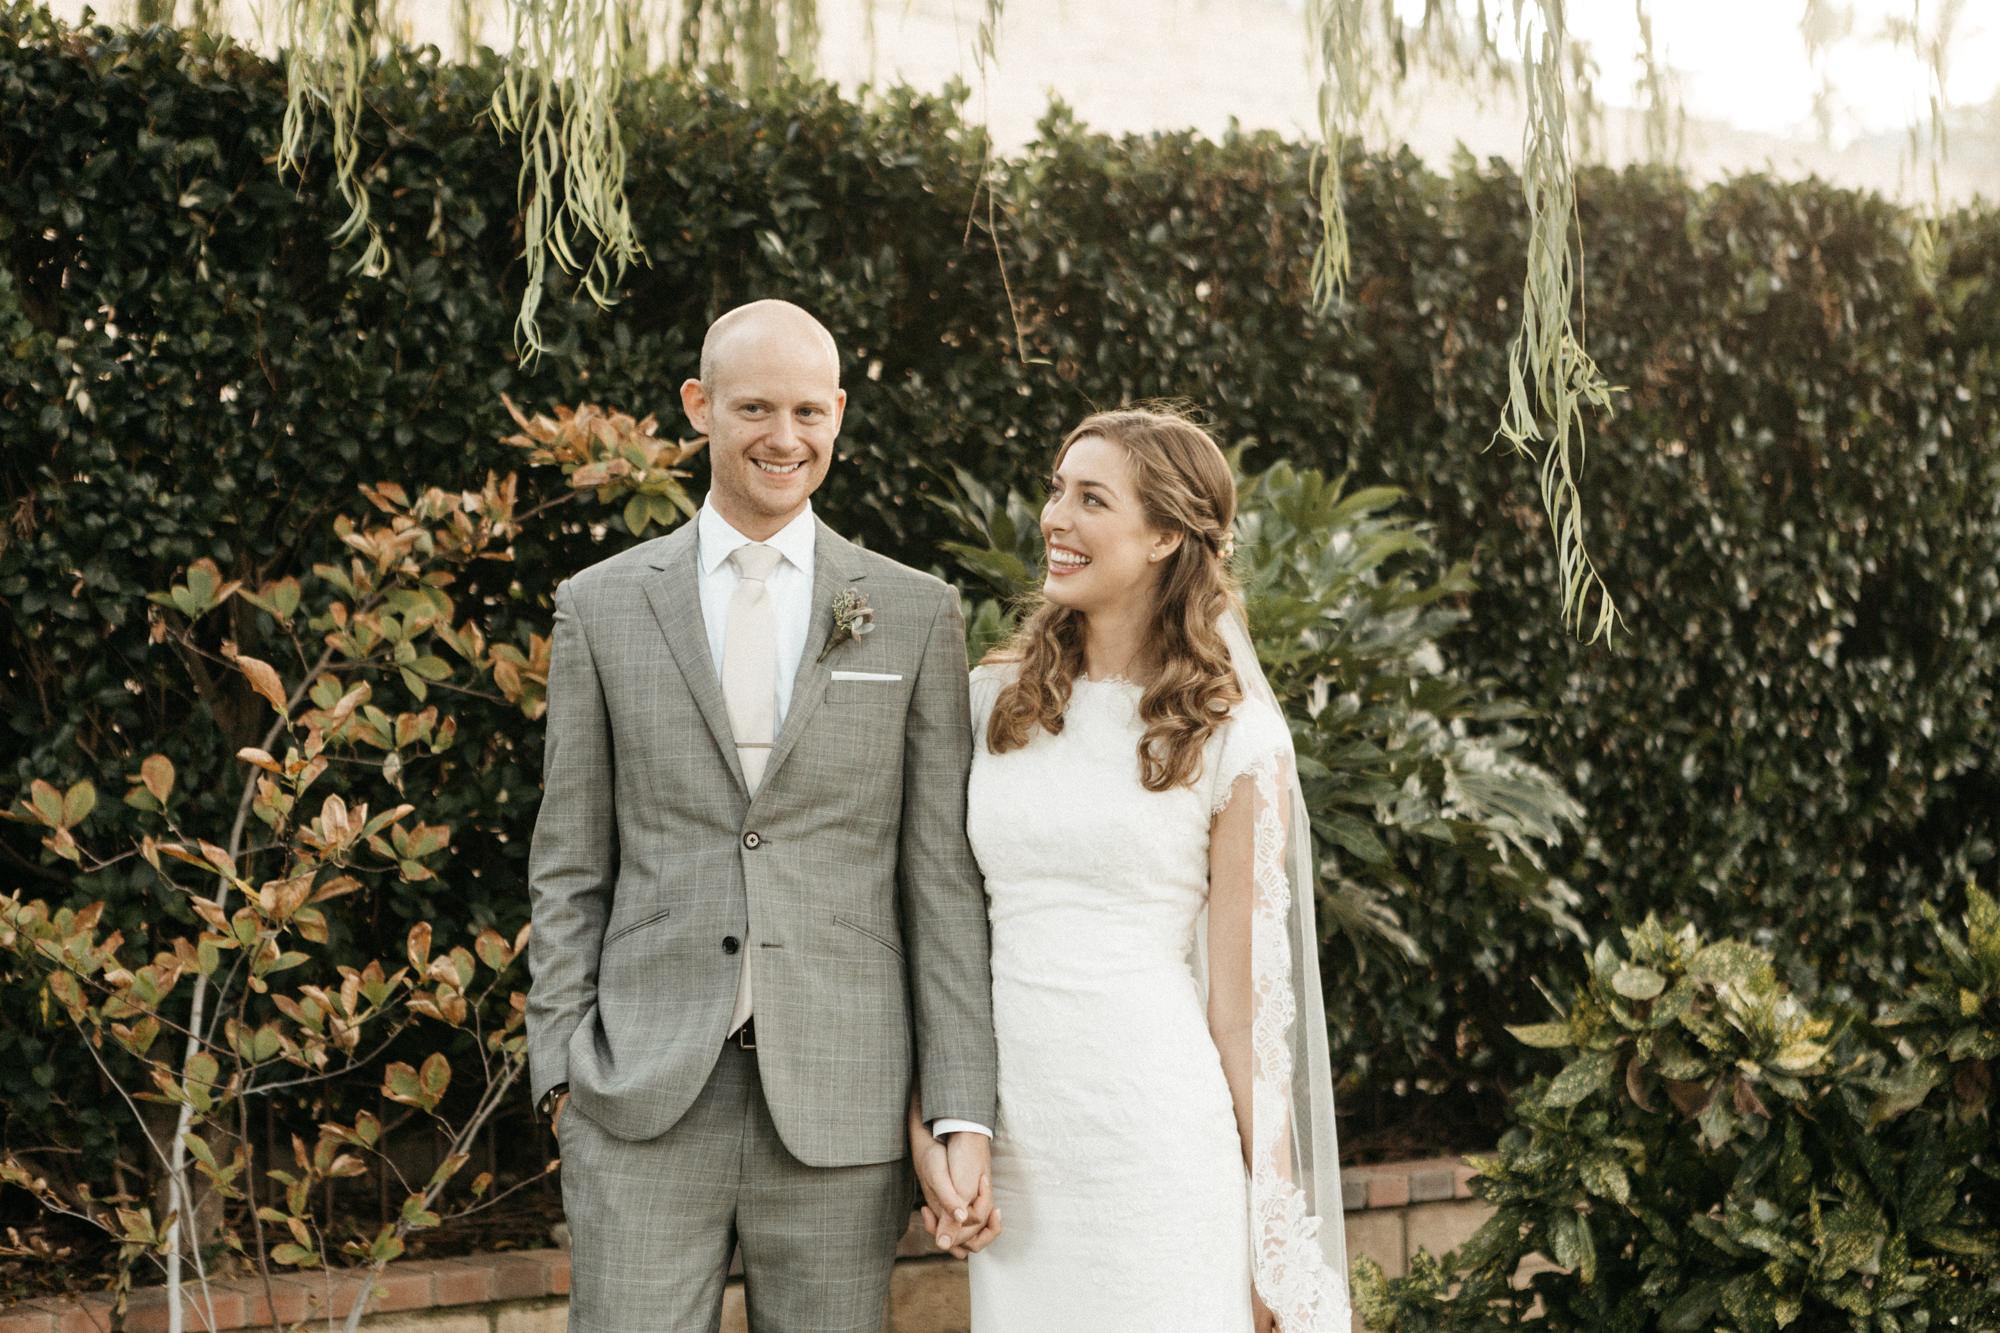 los_angeles_mormon_temple_wedding-39.jpg